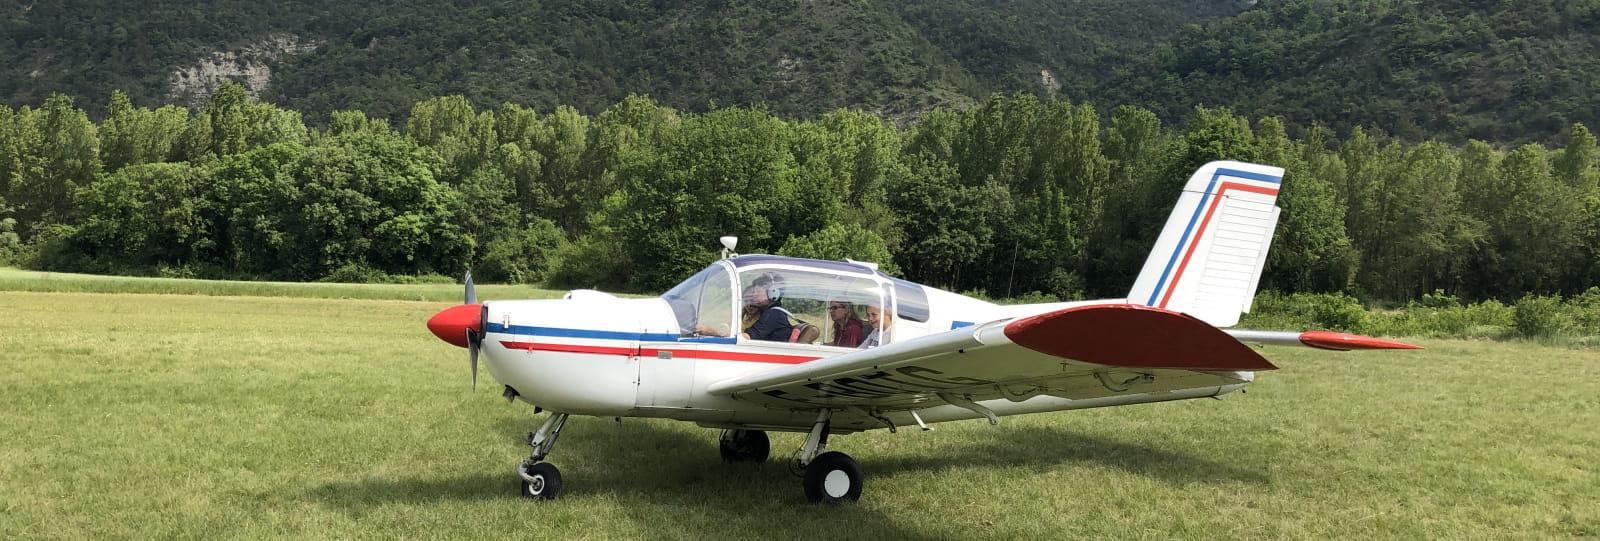 Vol en avion et planeur avec l'association aéronautique de Rochecourbe